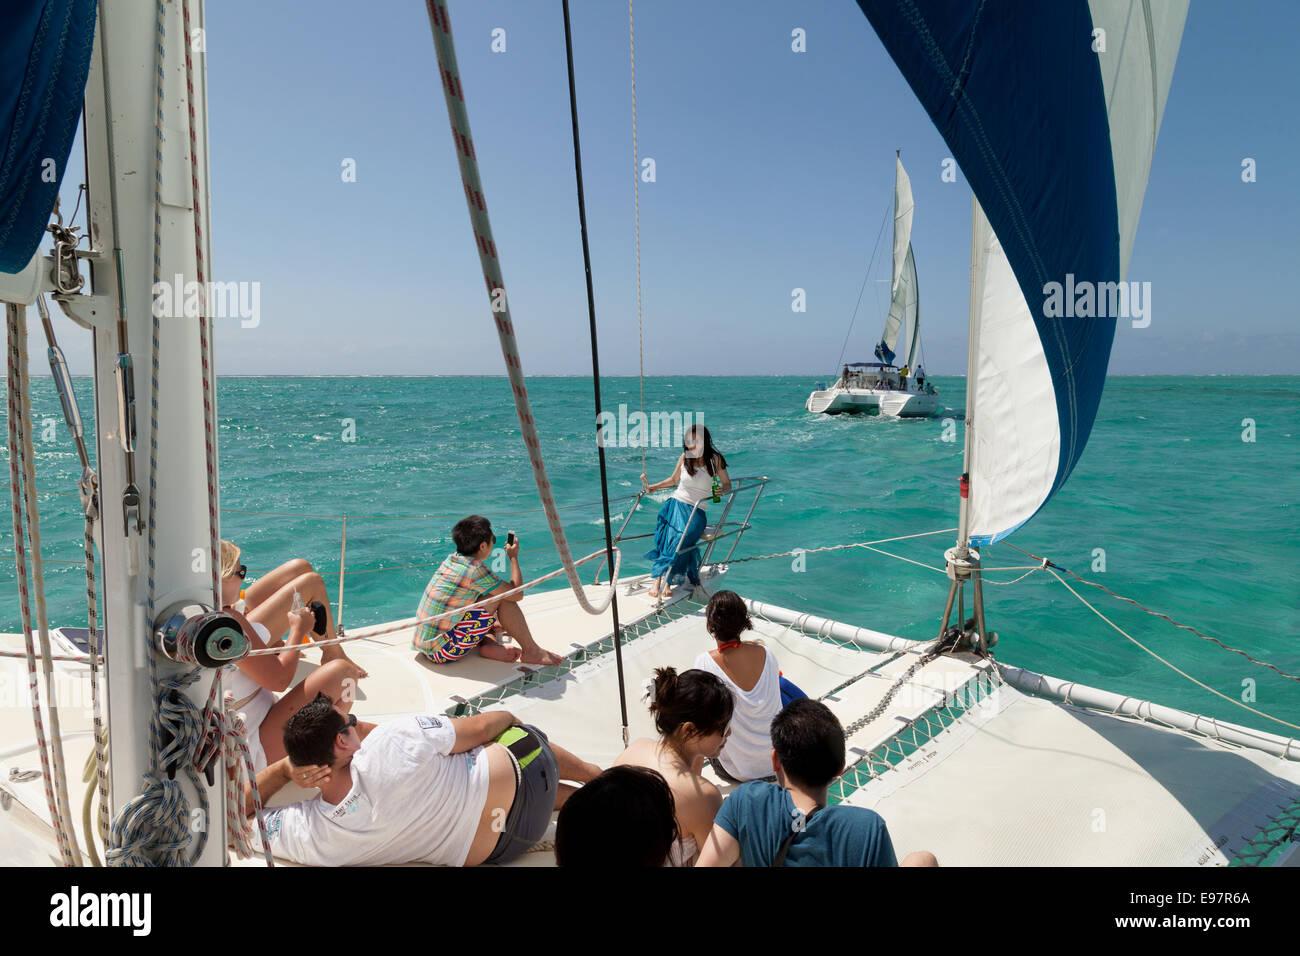 La gente navegando en el océano índico frente a las costas de Mauricio Foto de stock